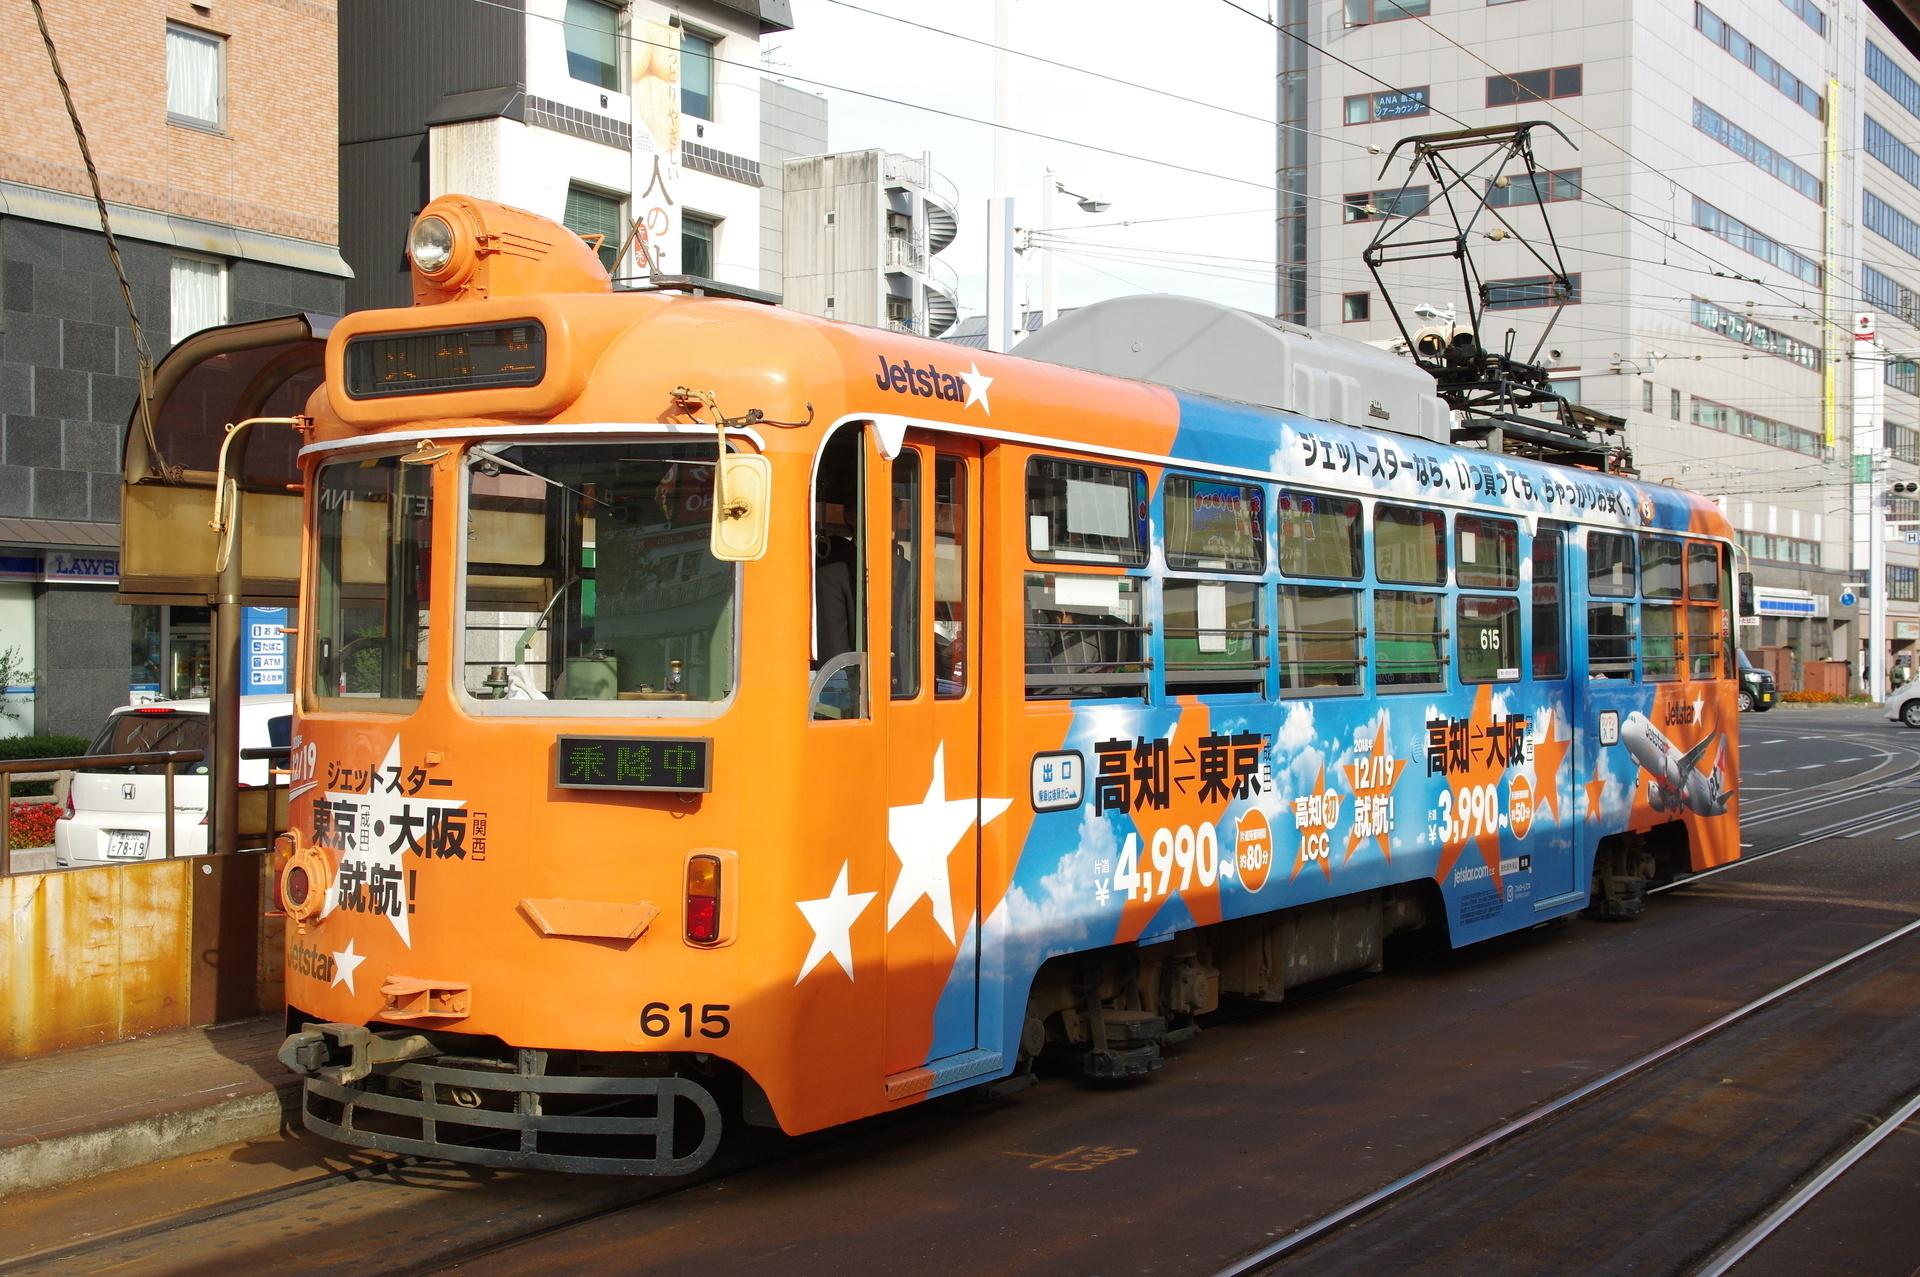 600形615号 (ジェットスター 東京・大阪就航)